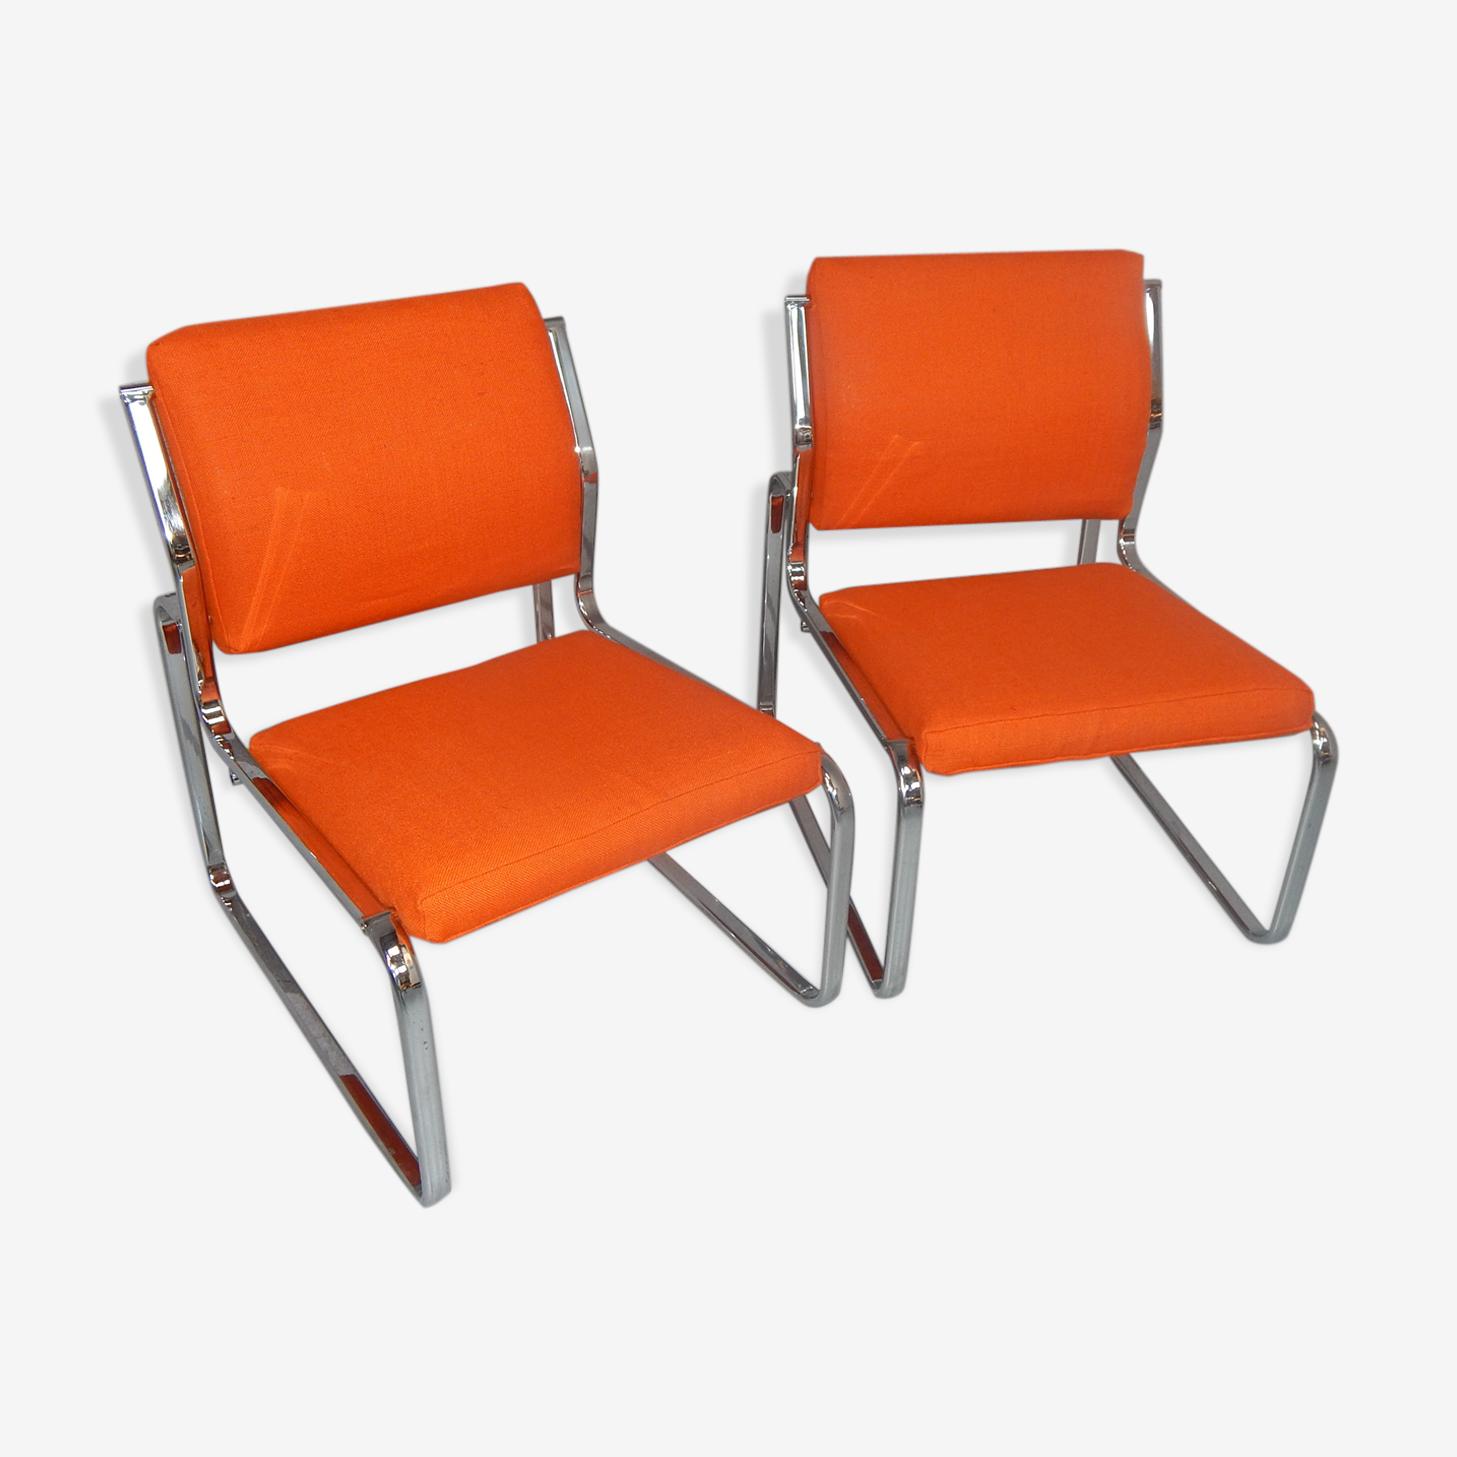 Paire fauteuils chauffeuses chromés vintage design 70/80